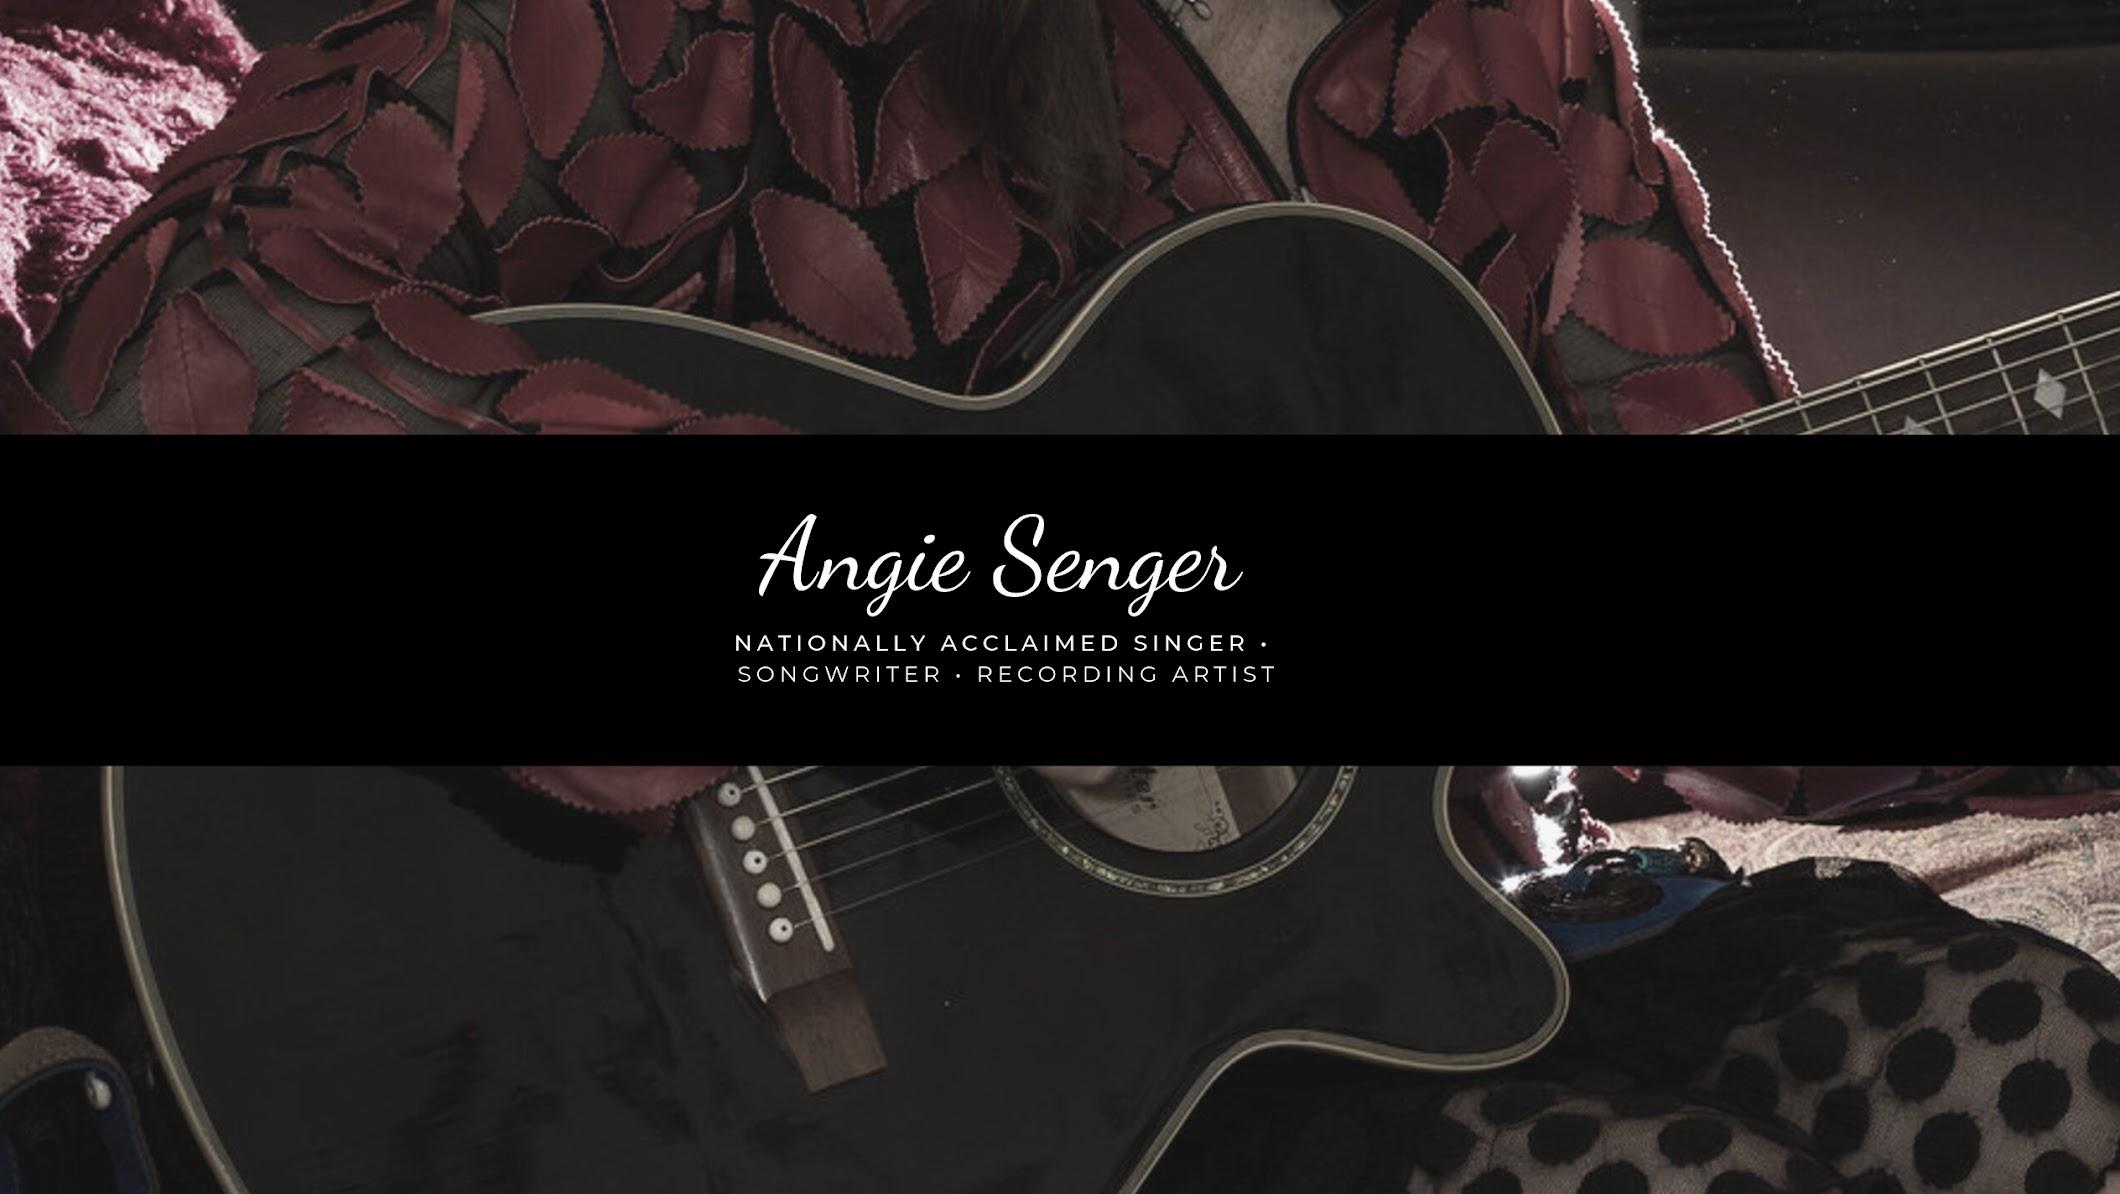 Angie Senger